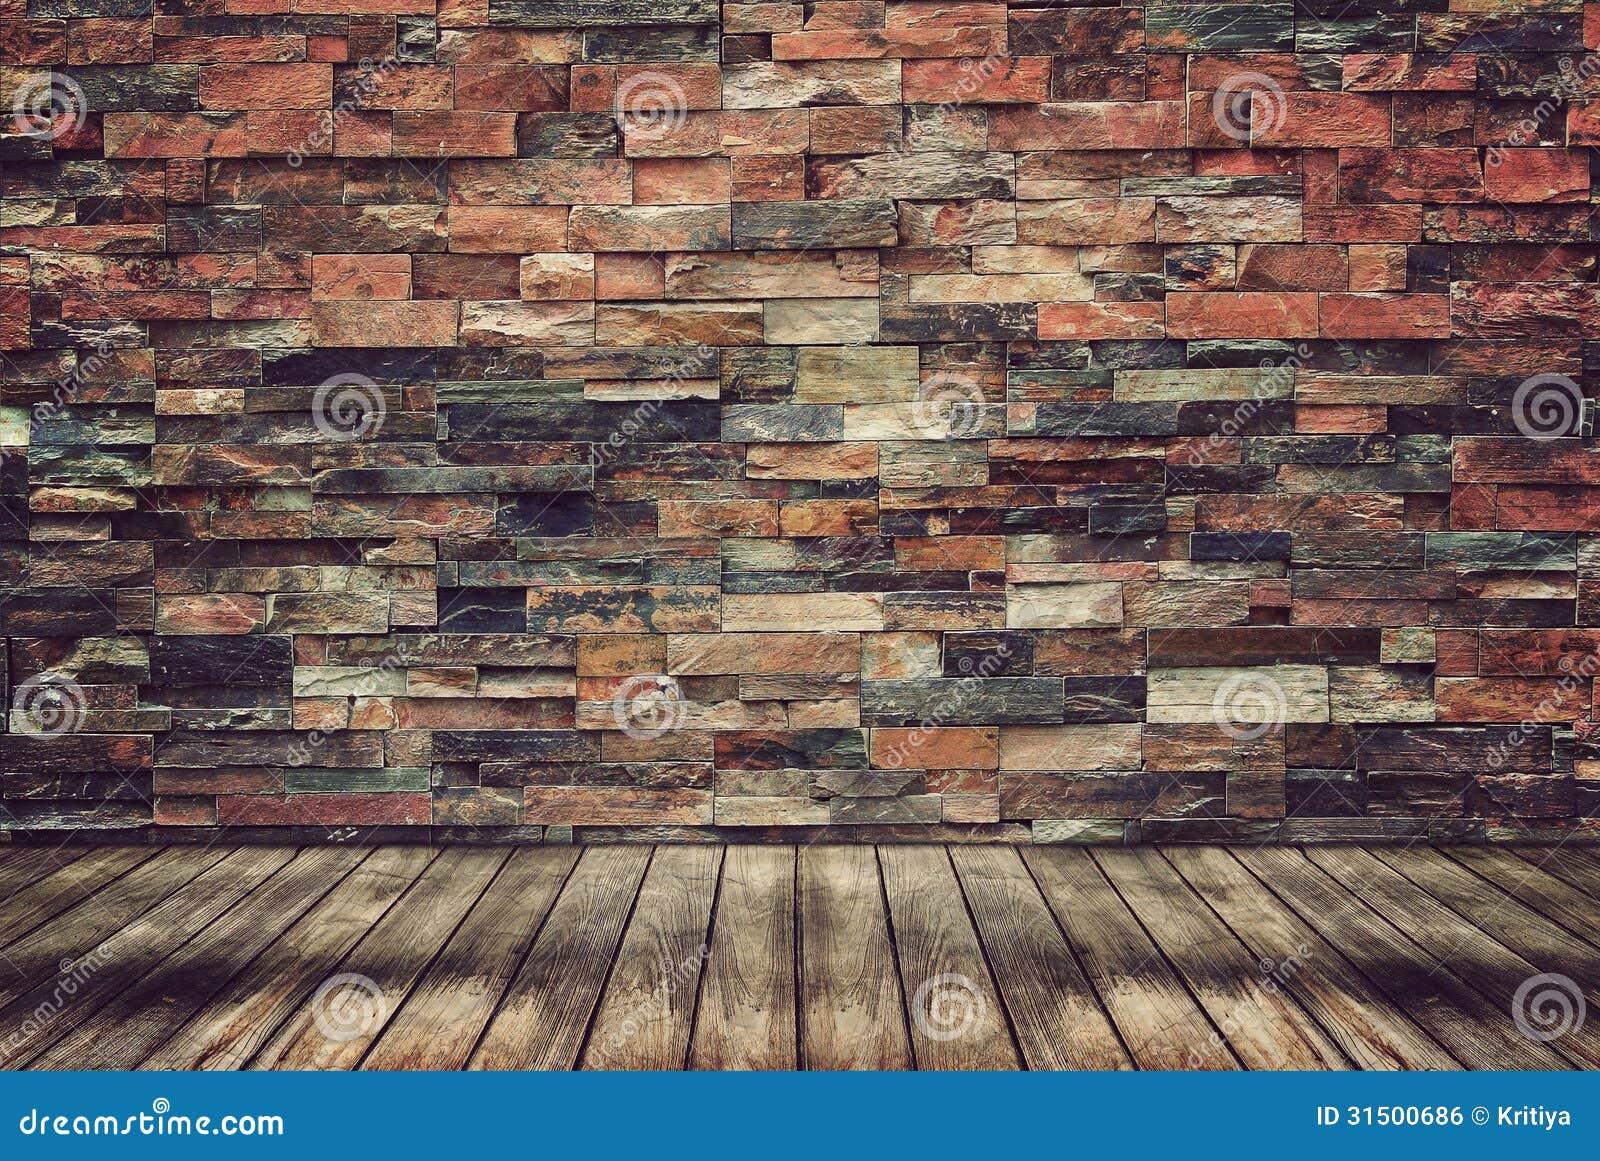 Plancher Et Mur De Briques En Bois Pour Le Papier Peint De ...